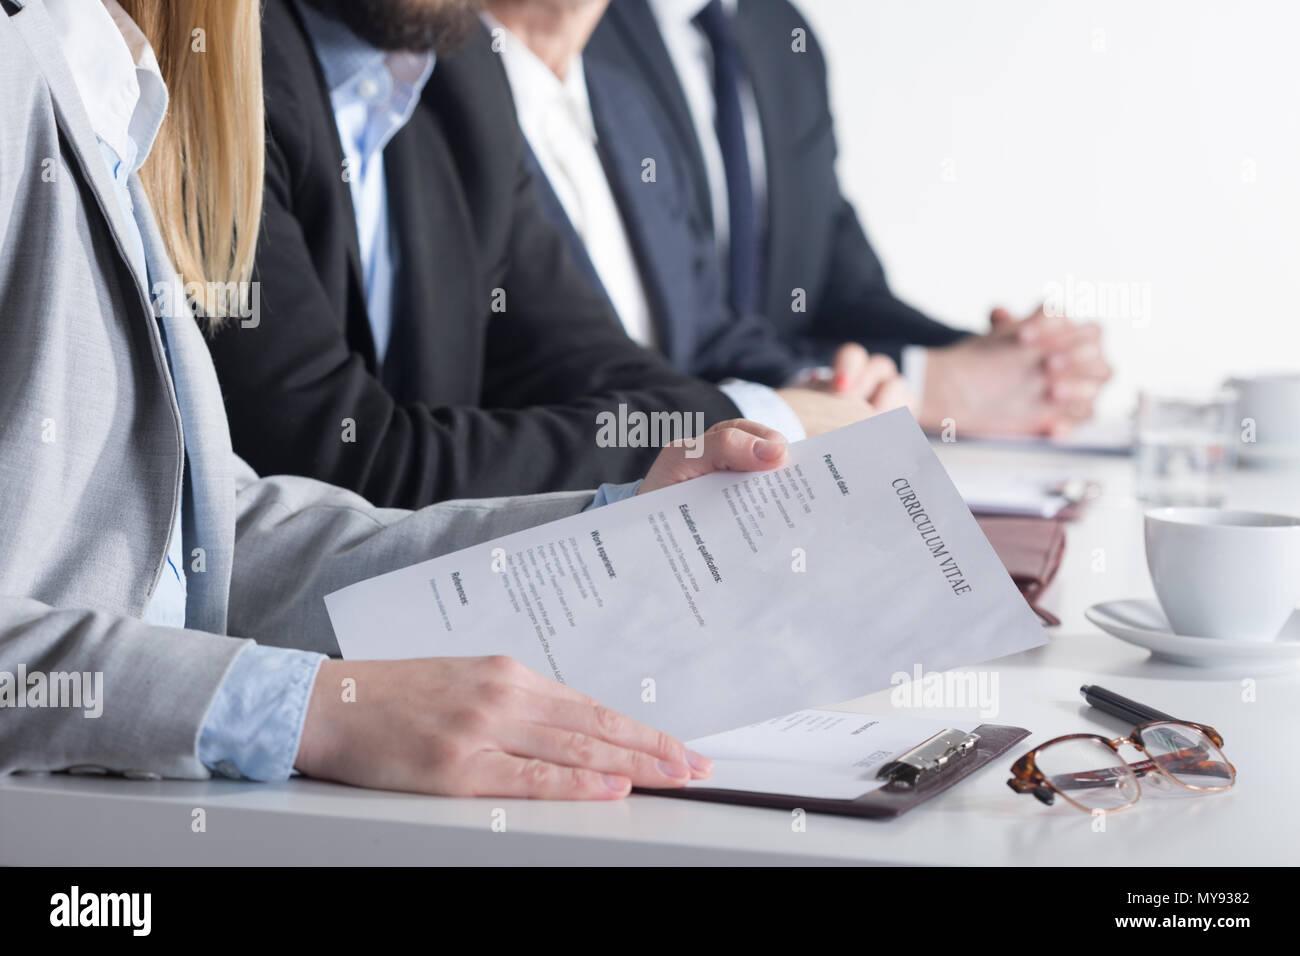 Donna che mantiene CV sittting accanto a tre imprenditori accanto a tabella Immagini Stock